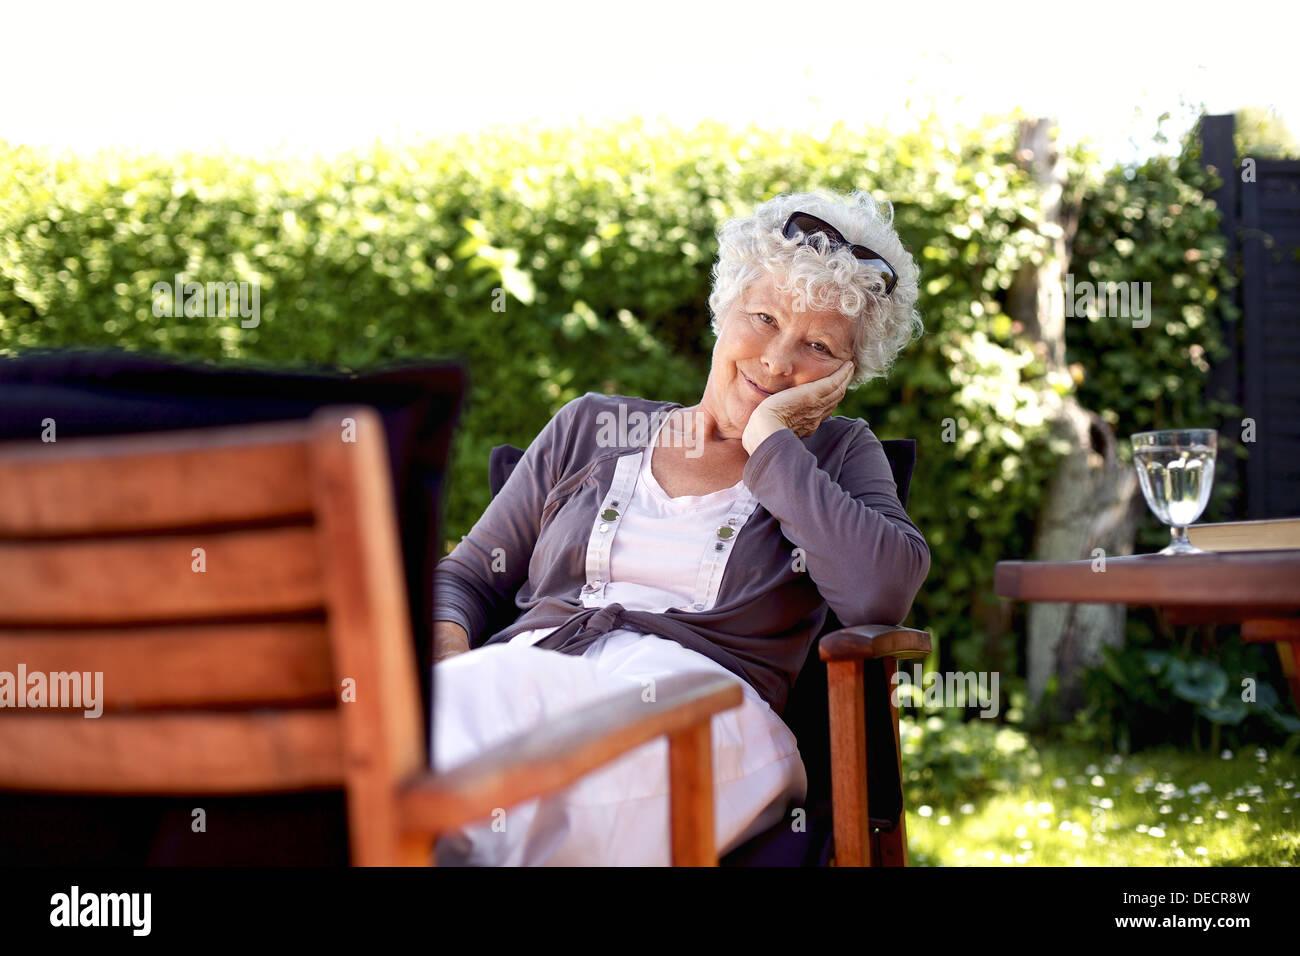 Vieille Femme assis sur une chaise en regardant la caméra. Femme hauts de vous détendre dans le jardin en compagnie de ses jours de retraite Photo Stock